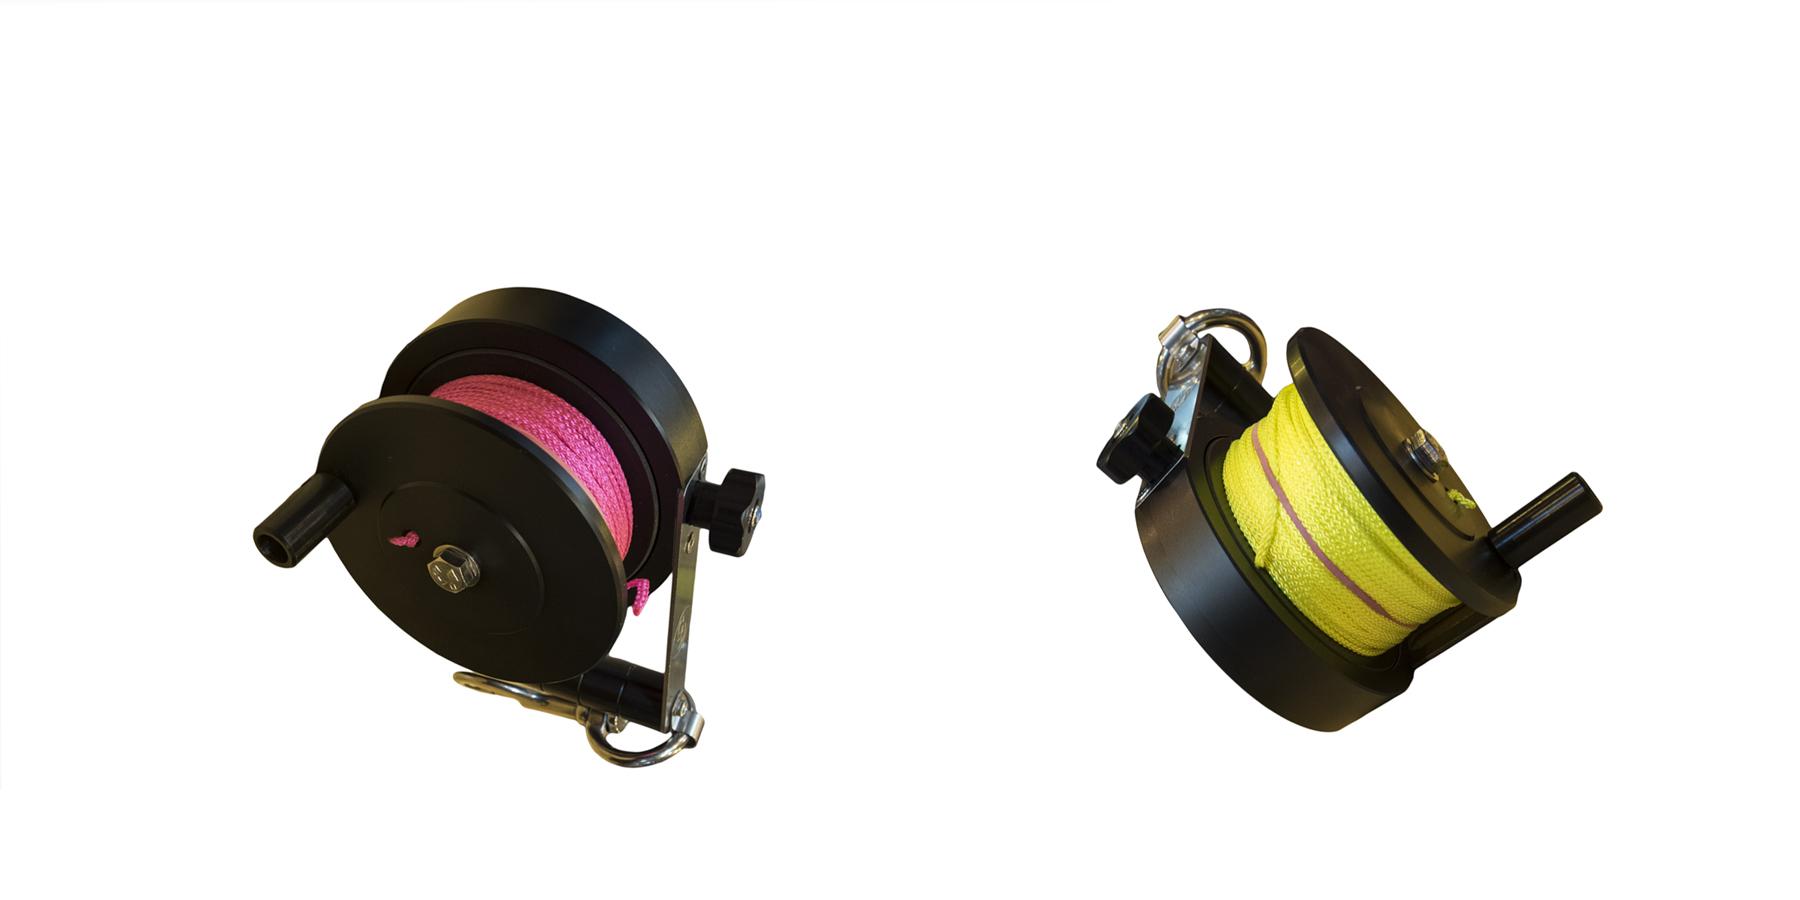 moulinet - Des dévidoirs colorés pour la plongée tek